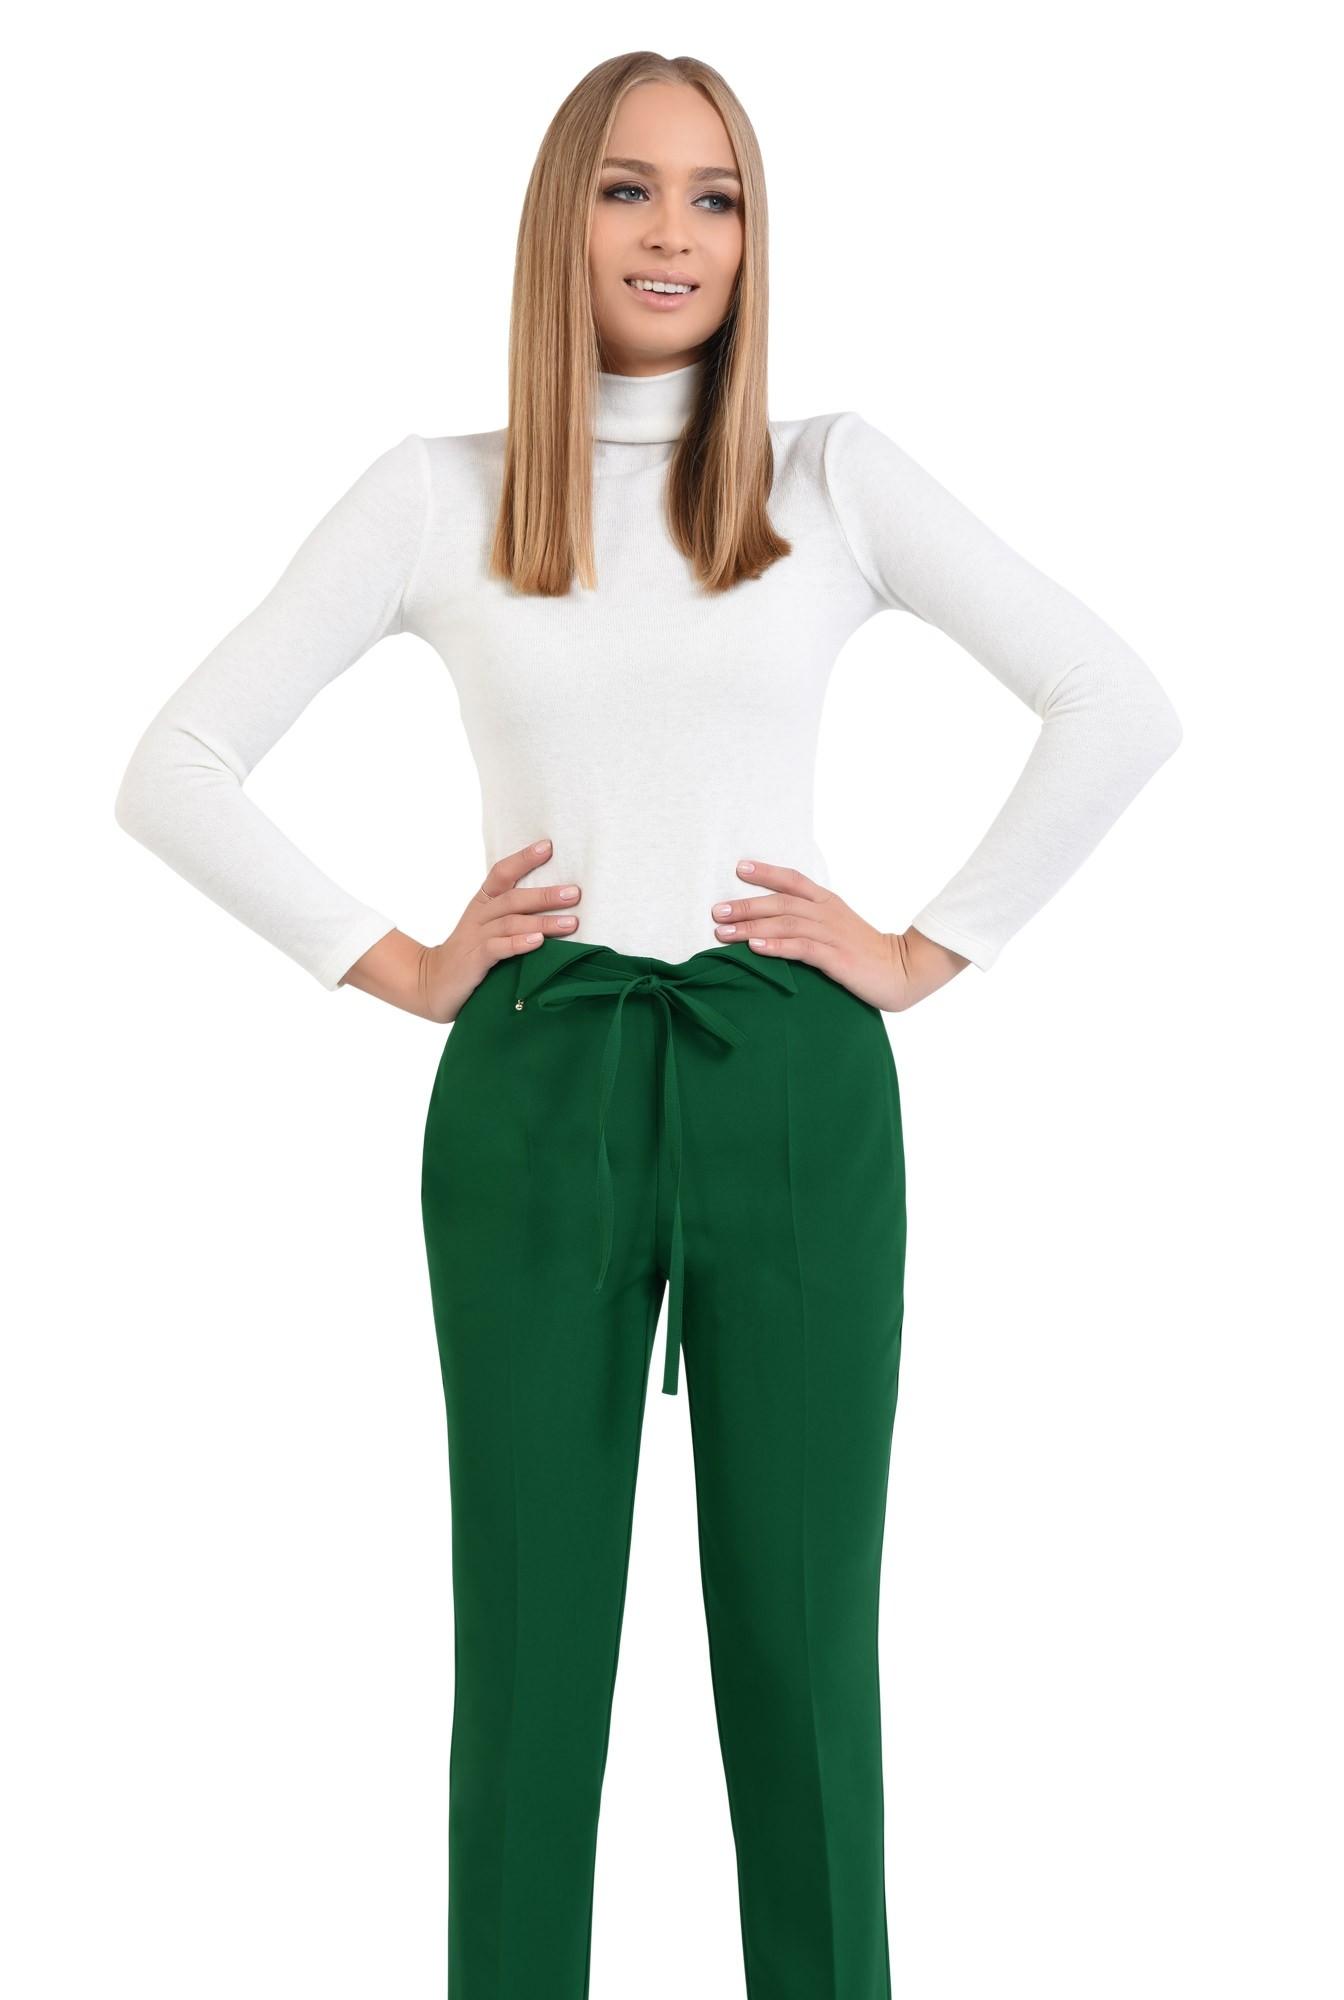 0 - pantaloni de zi, croi conic, la dunga, talie fara betelie